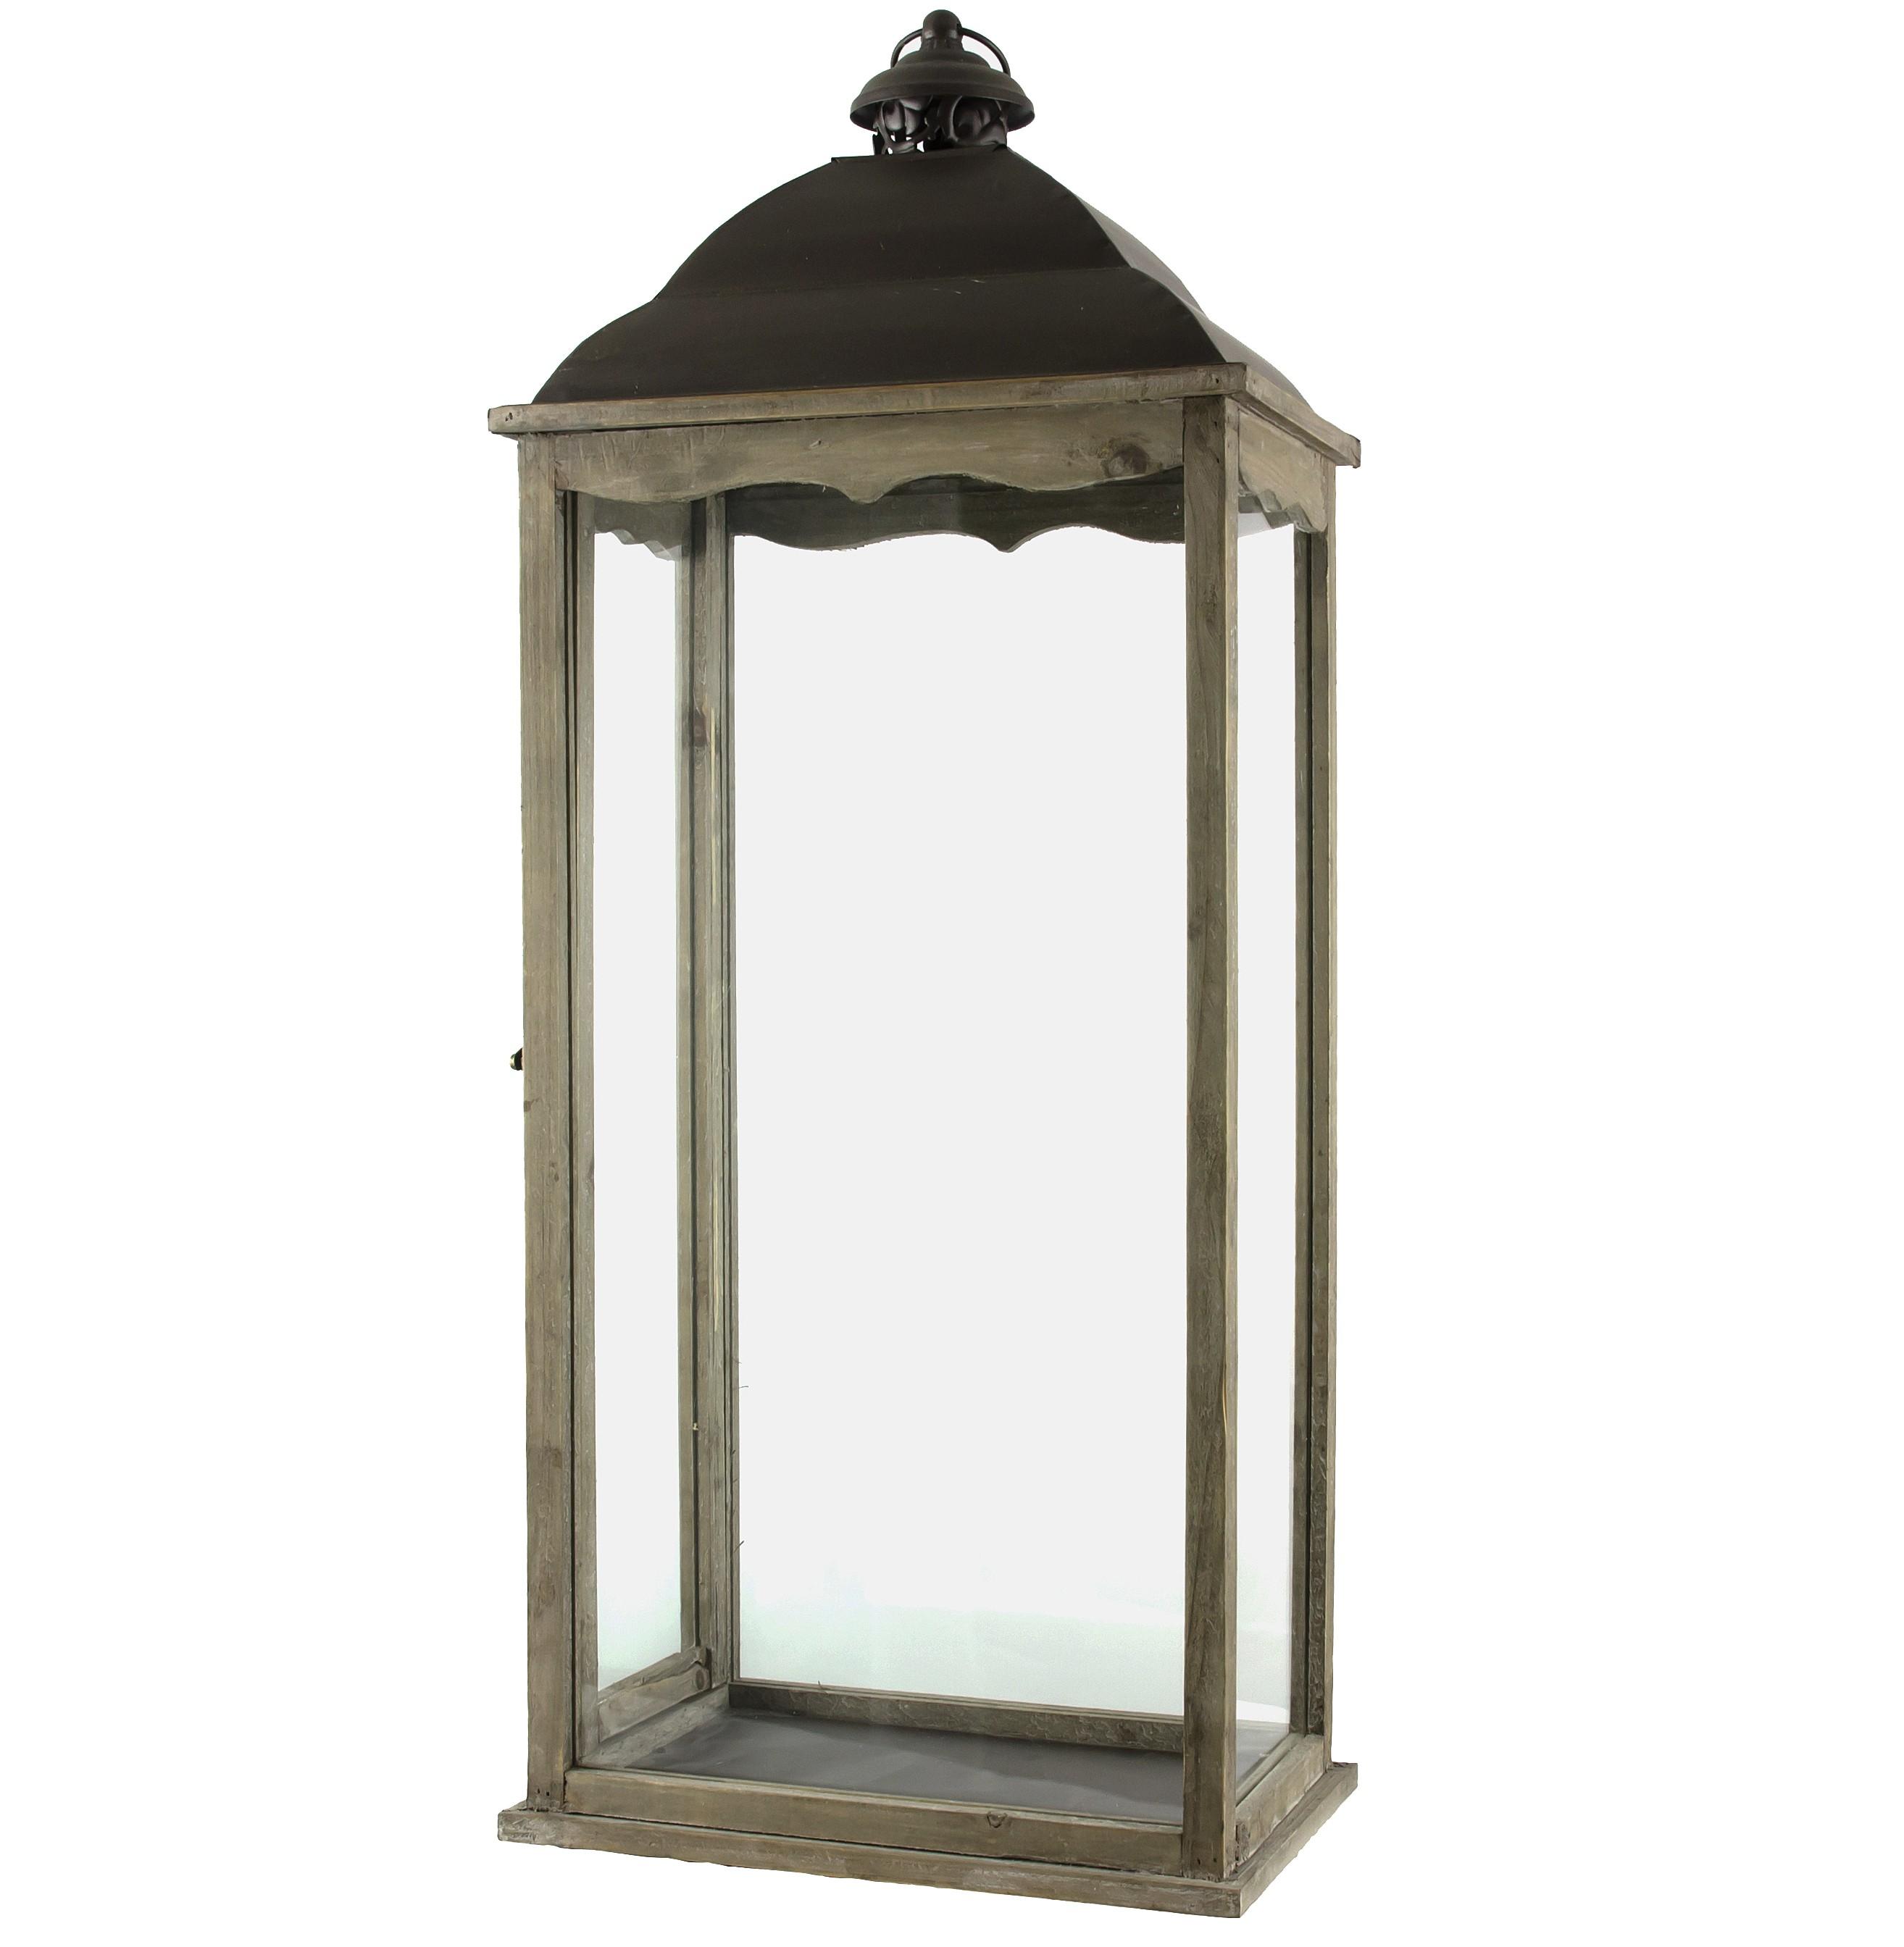 lampe bougie cheap lampes et veilleuses duambiance led with lampe bougie porte interieur avec. Black Bedroom Furniture Sets. Home Design Ideas